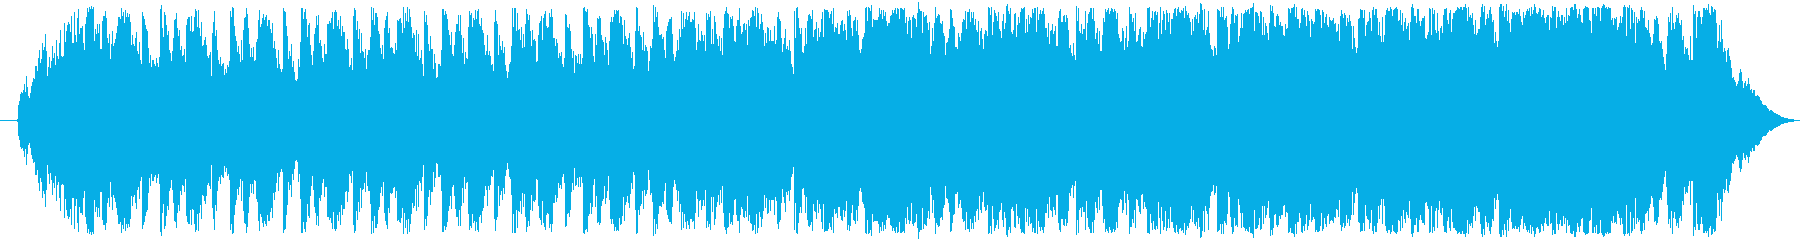 非常にダイナミックでエネルギッシュ...の再生済みの波形